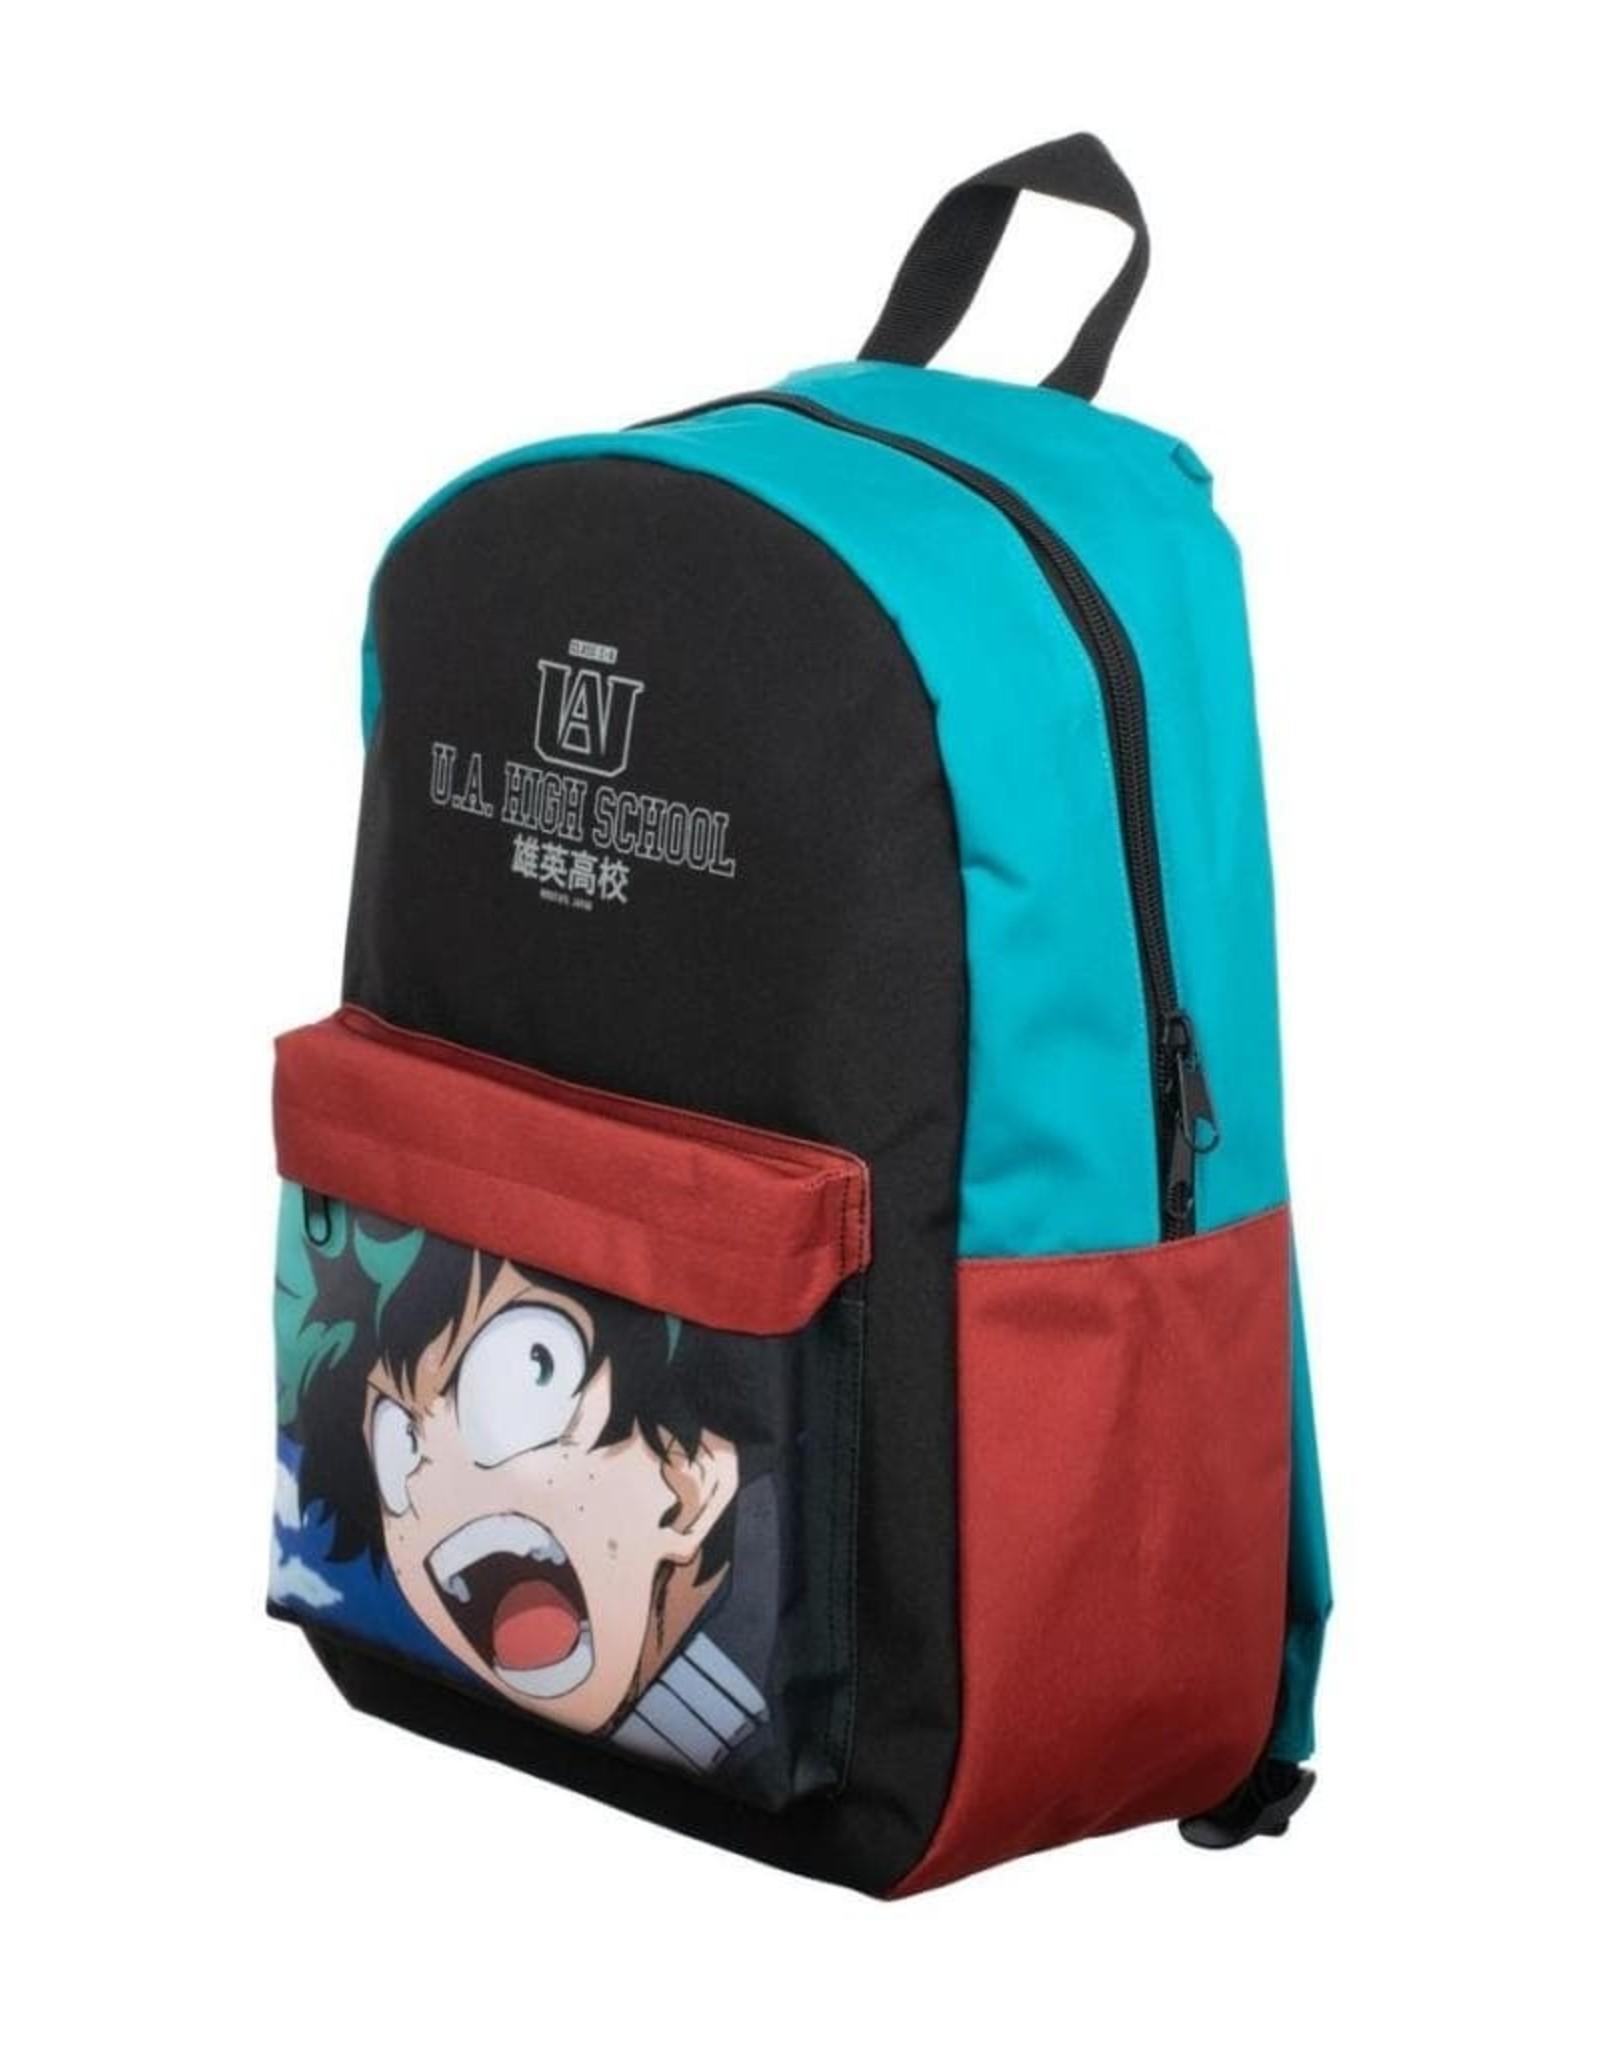 Bioworld Merchandise bags -  My Hero Academia U.A. High School backpack